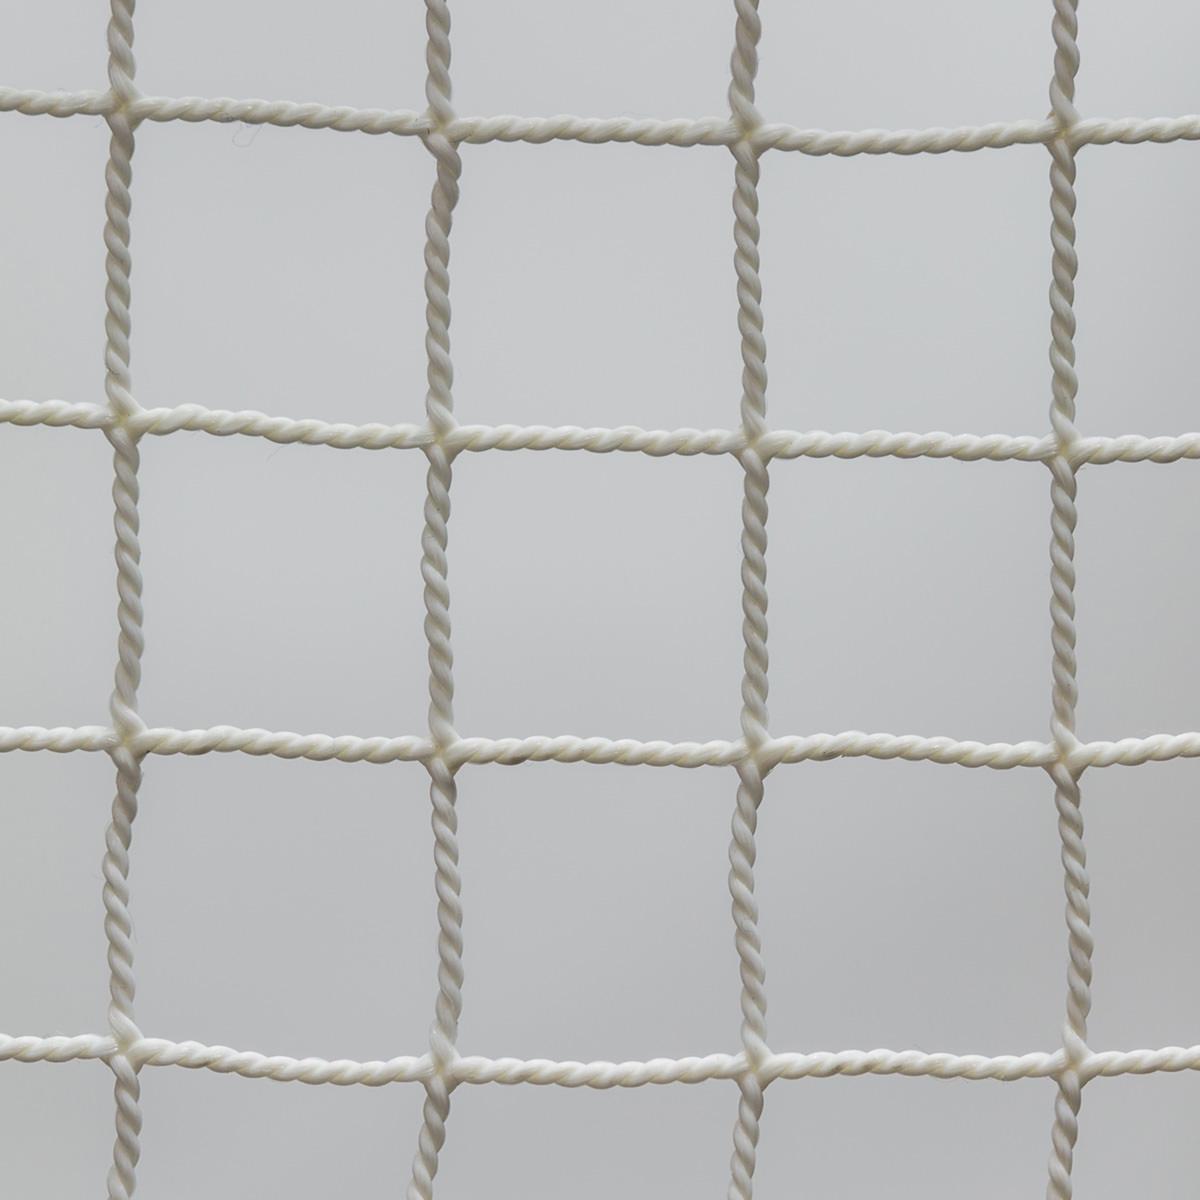 【規格サイズ品】防炎ポリプロピレン18mm角ホワイト